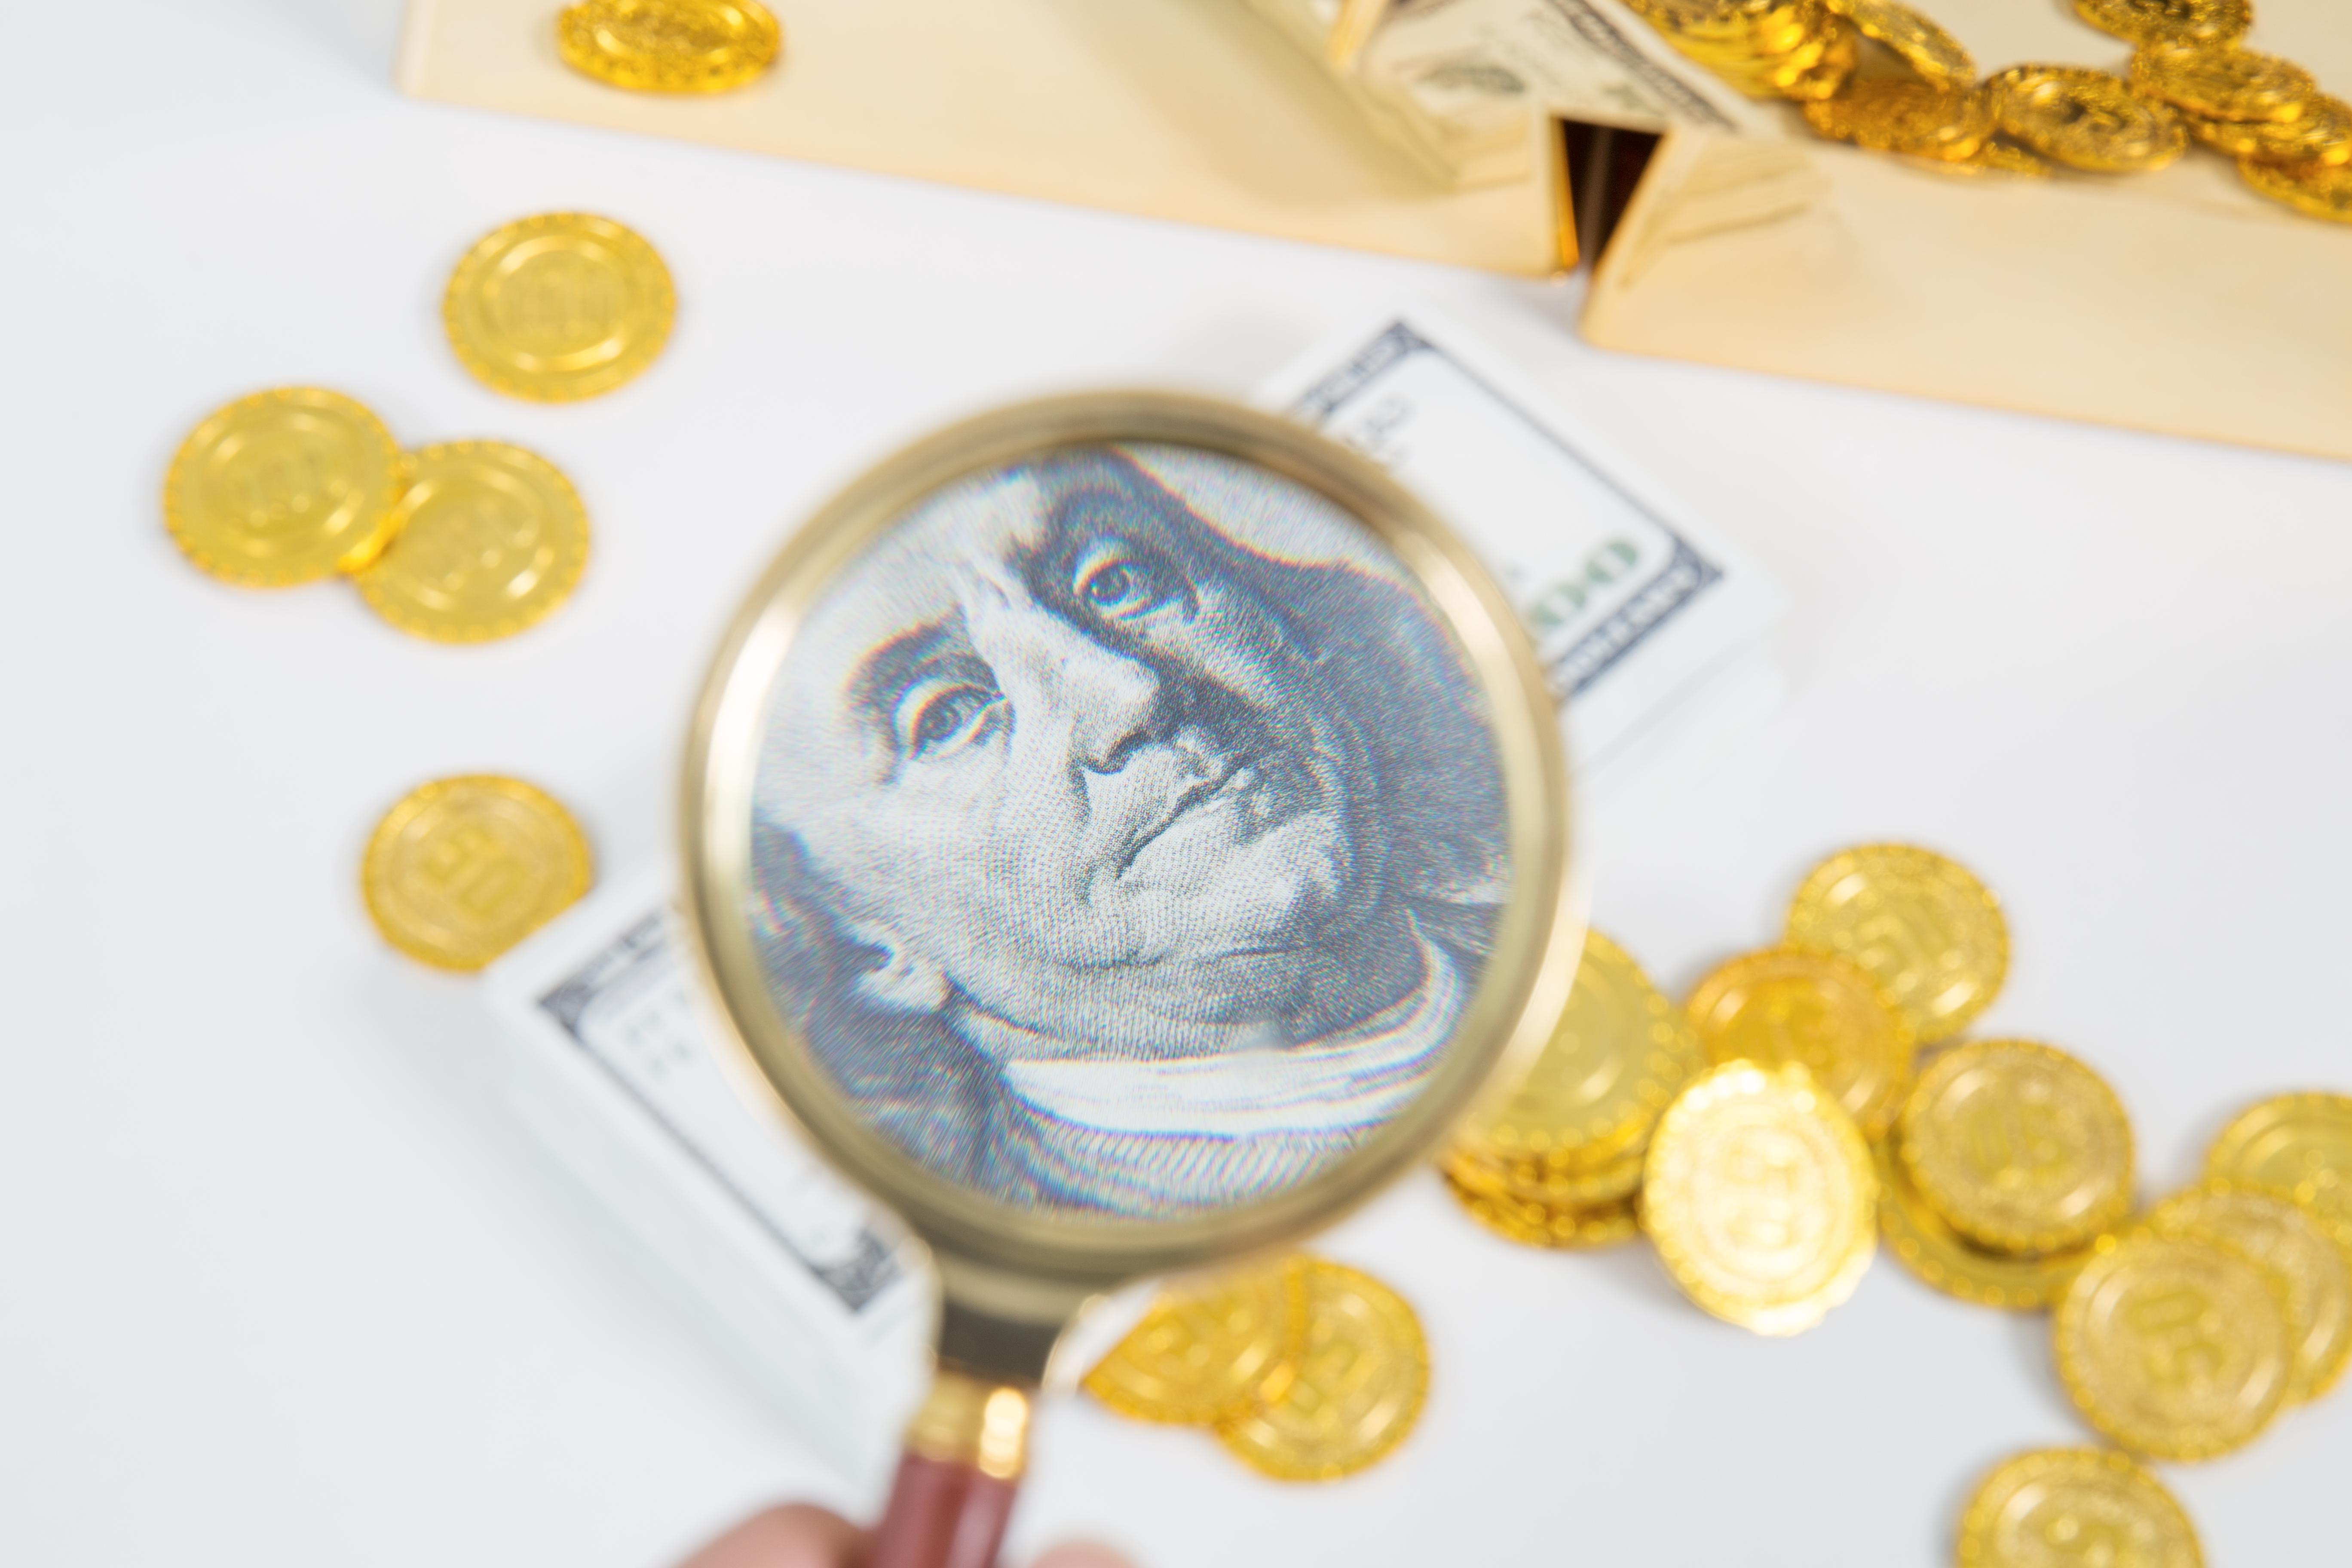 专利异议需要收费吗,费用标准是多少